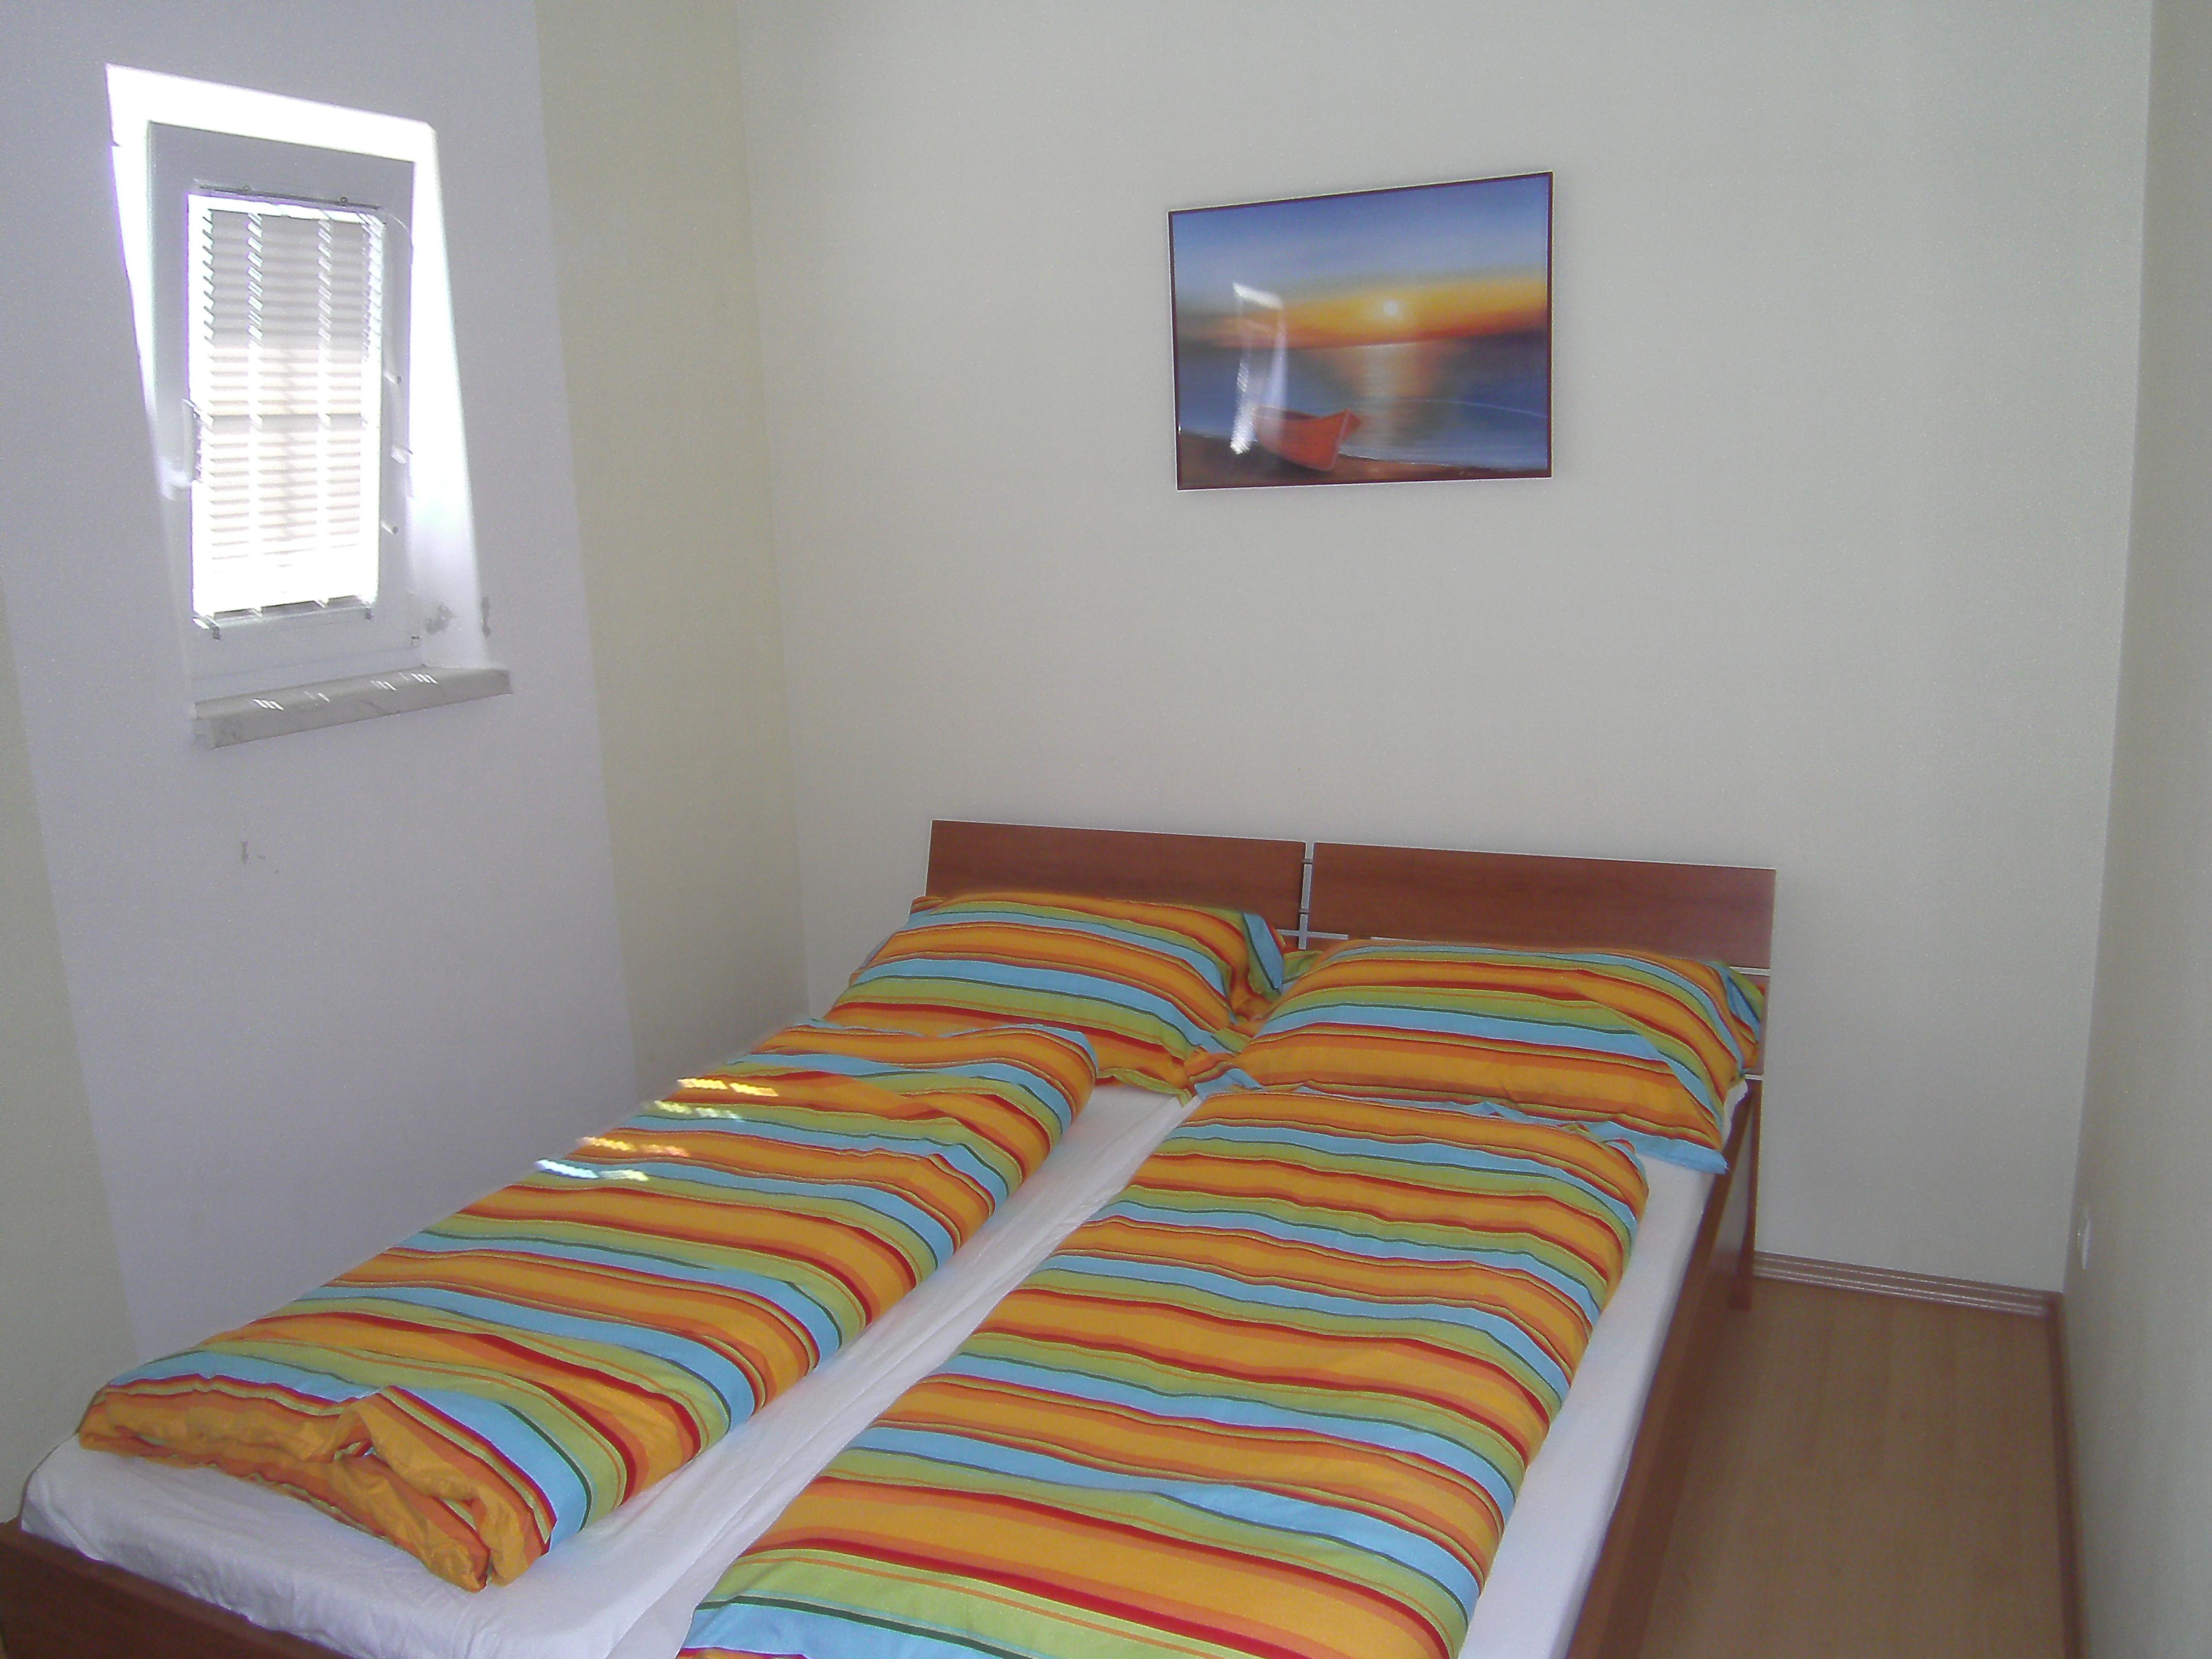 app pension f r 2 erw 3 kinder 1x9 j u 2x 6 j f r gegend um istrien kvarner bucht f r 04. Black Bedroom Furniture Sets. Home Design Ideas